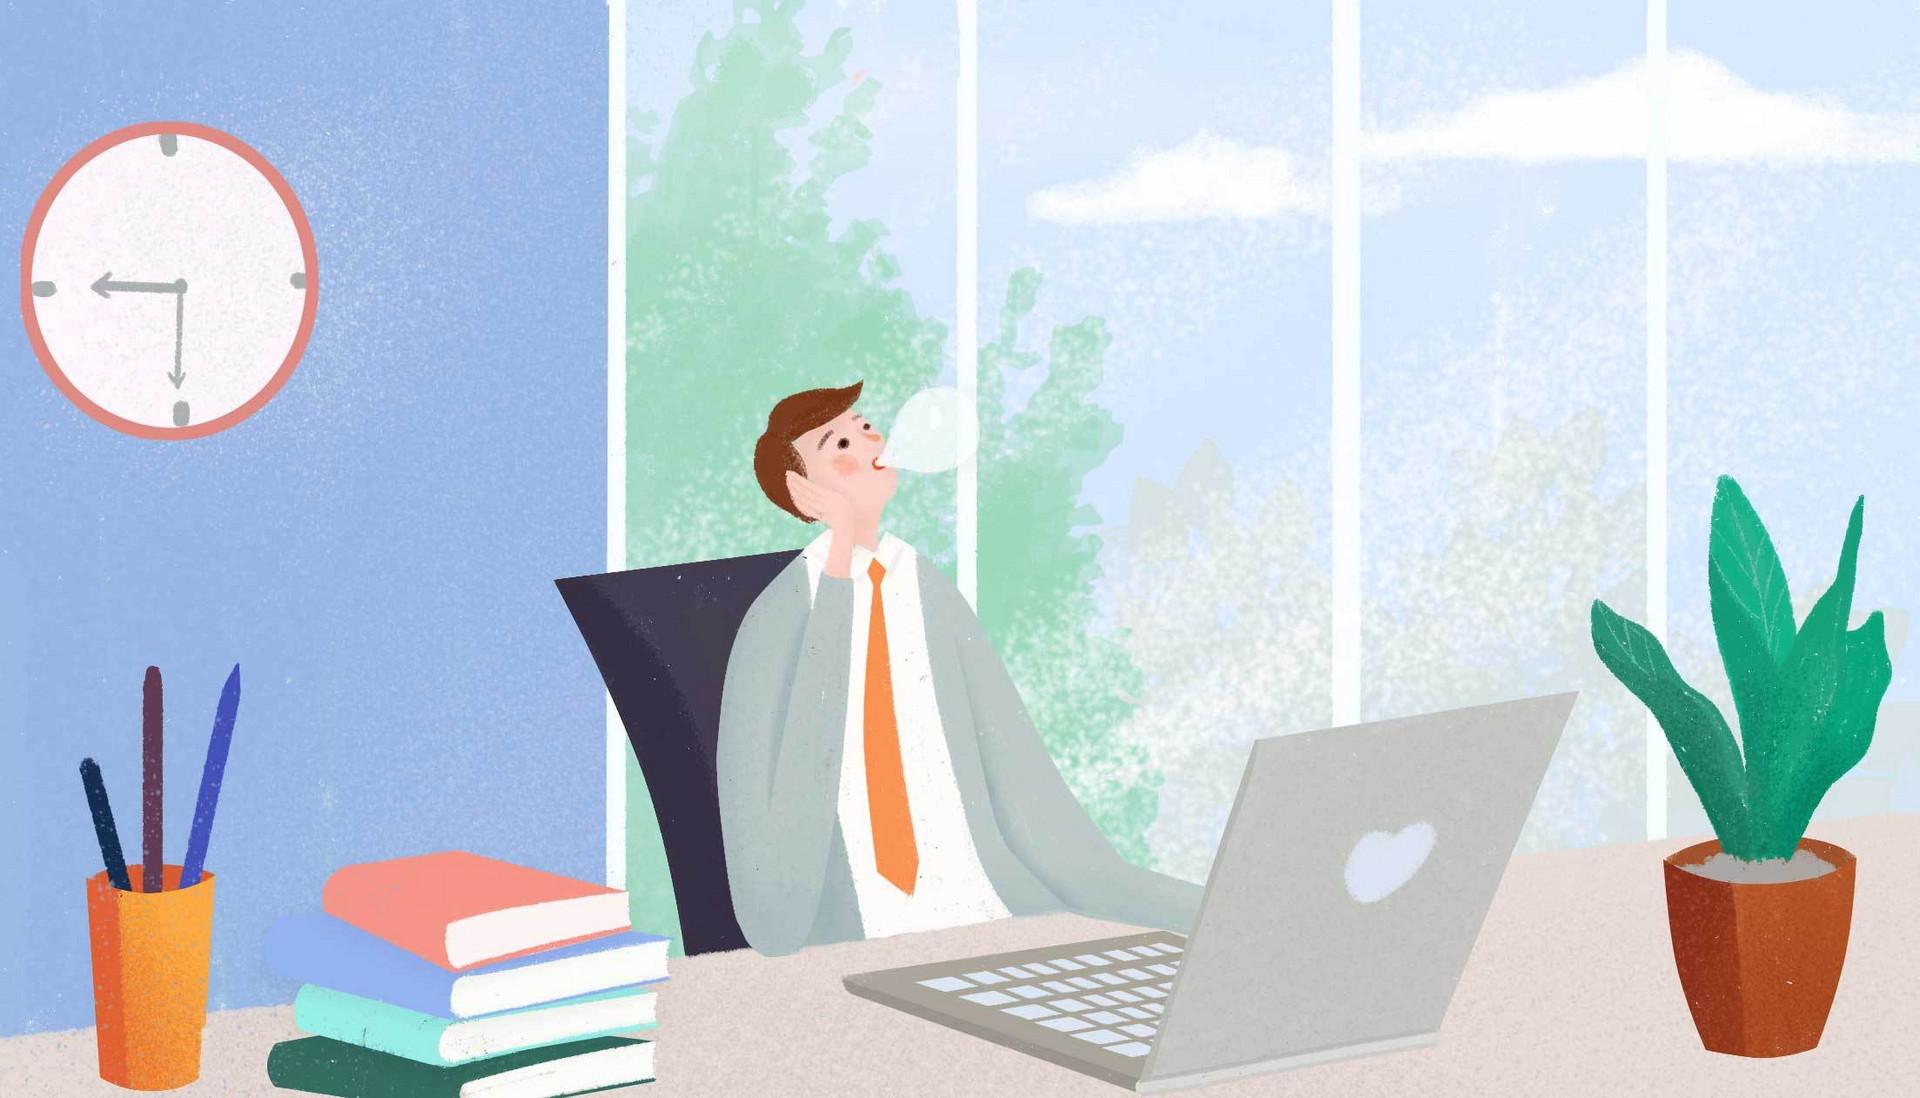 北上广深的HR,哪个更具竞争力?